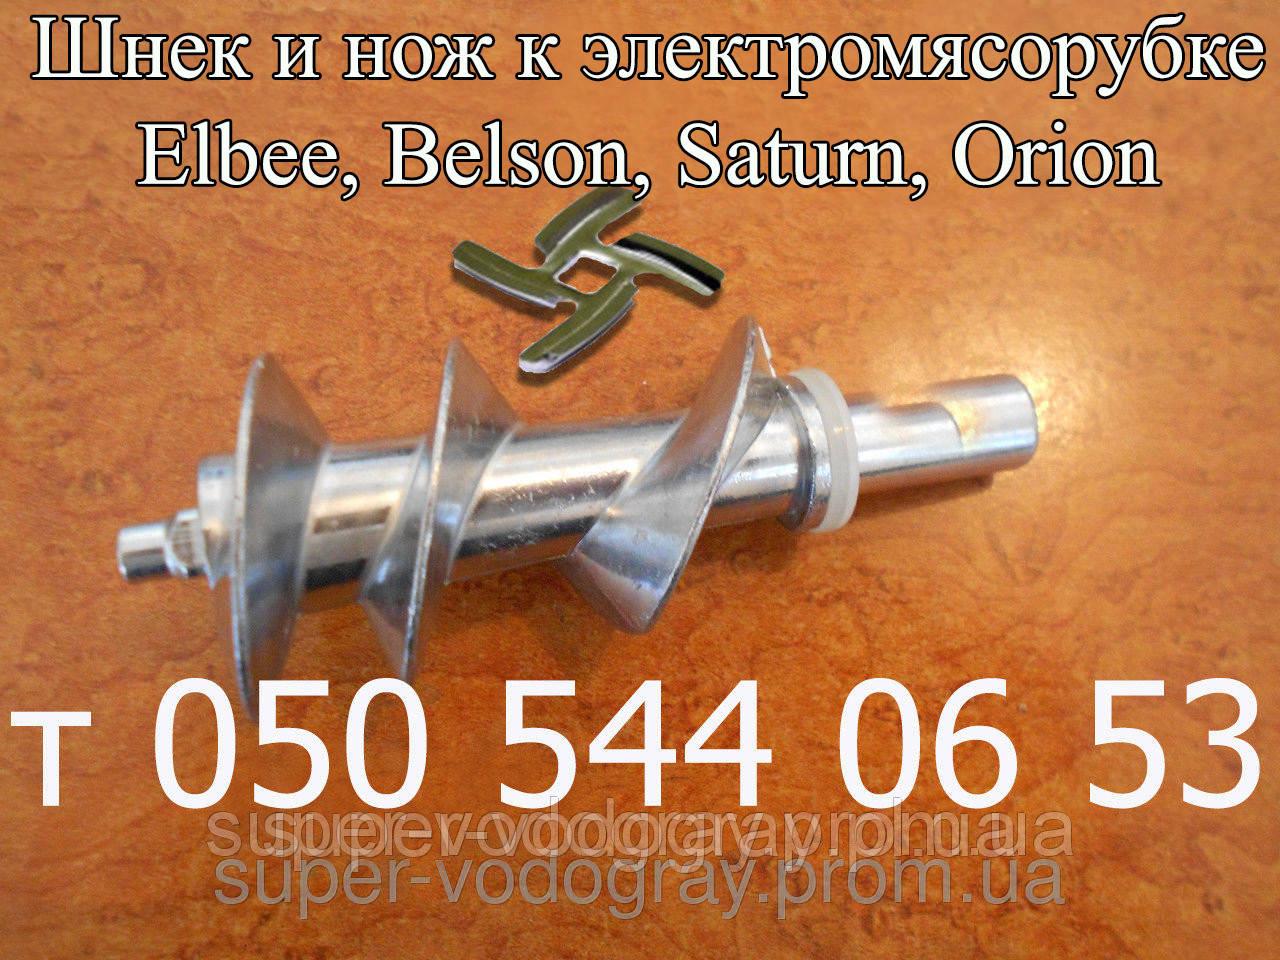 Шнек и нож к электромясорубке Elbee, Belson, Saturn